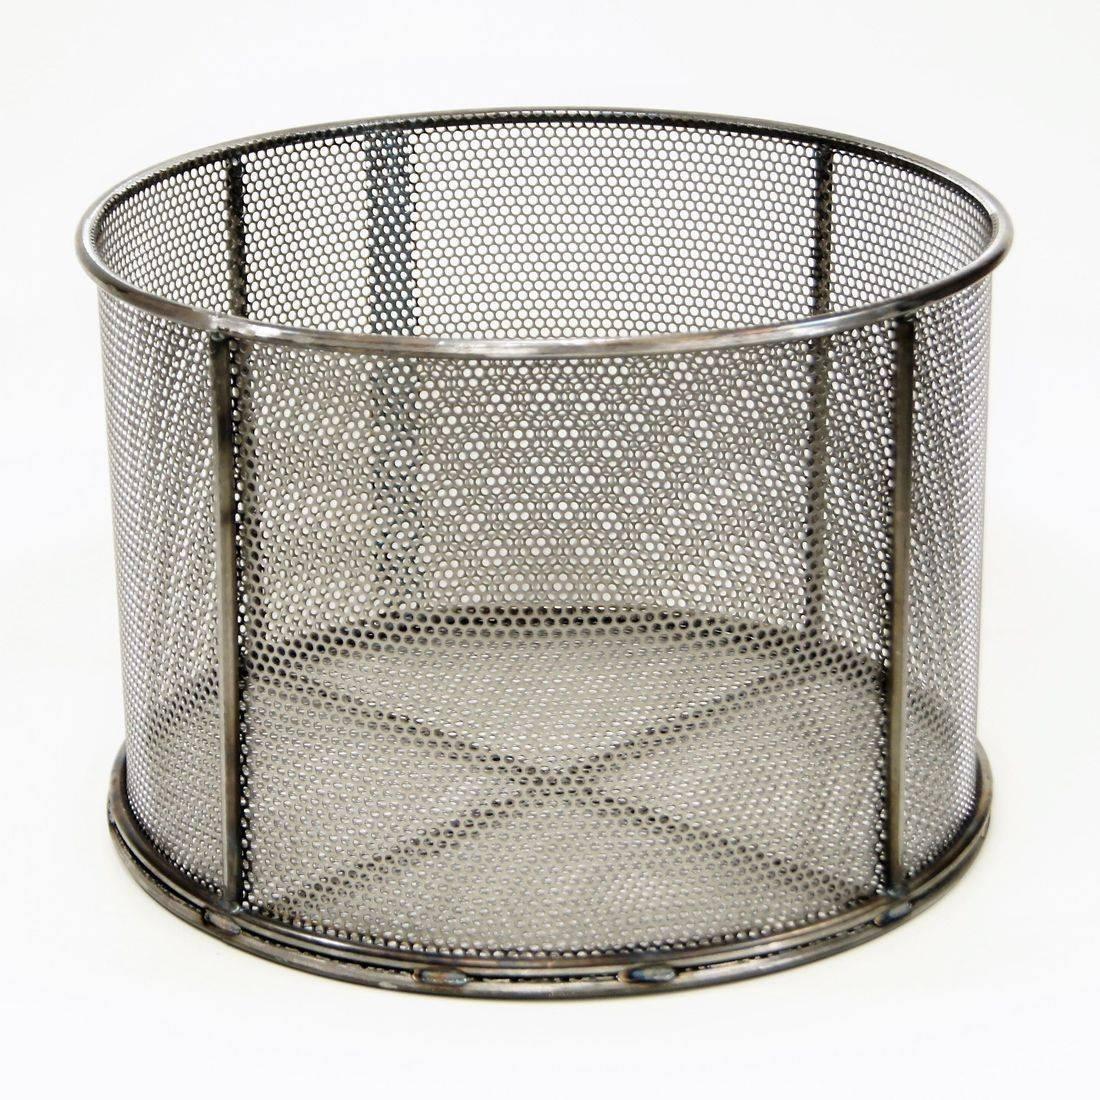 Perforated Material Handling BAsket